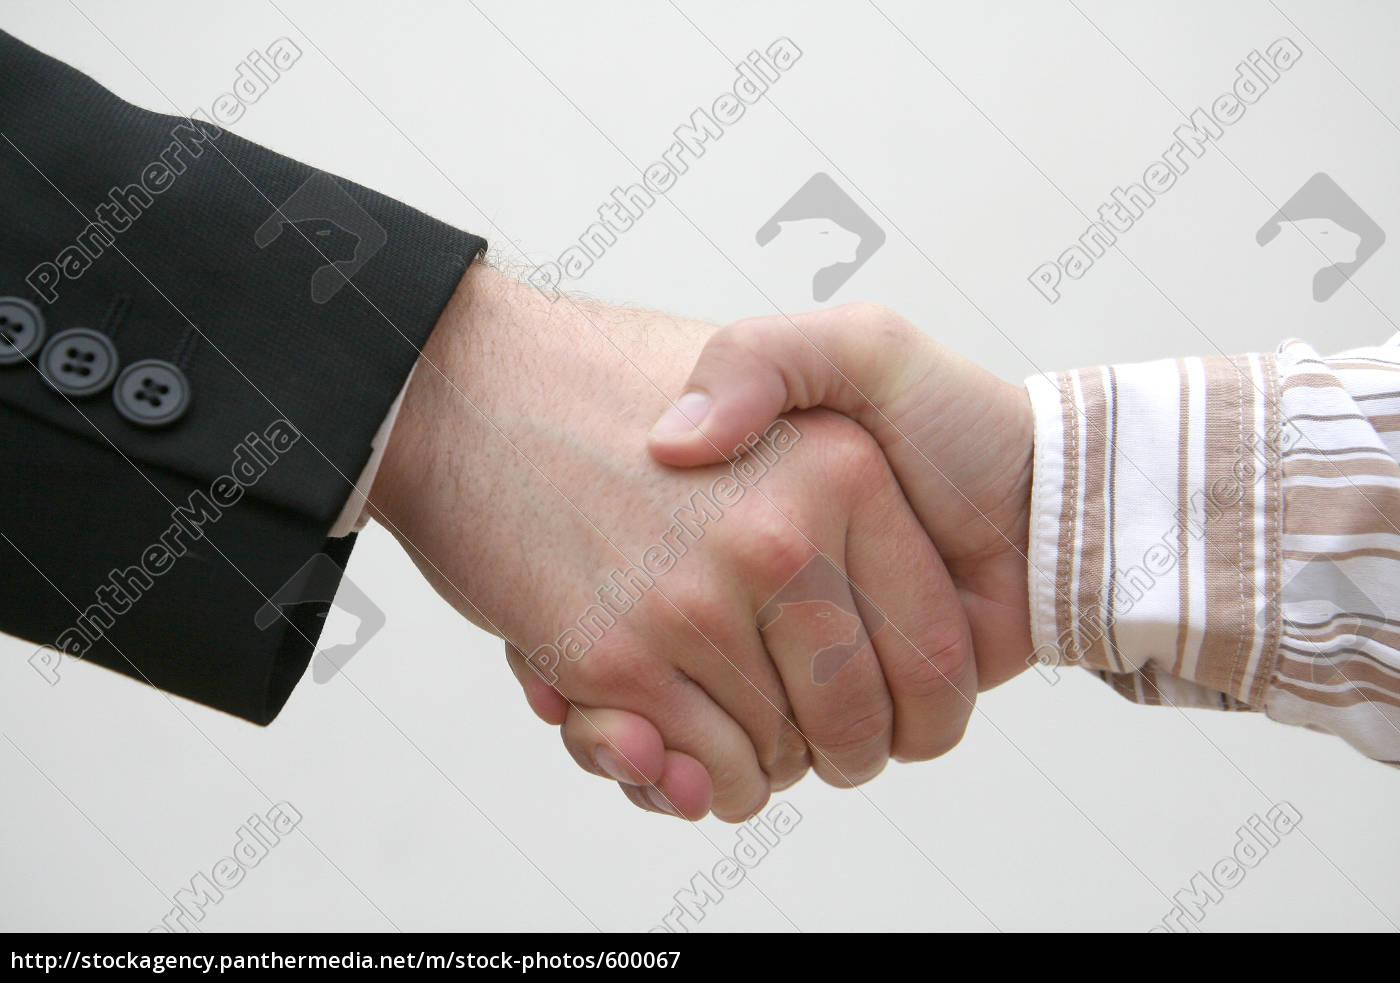 handshake - 600067